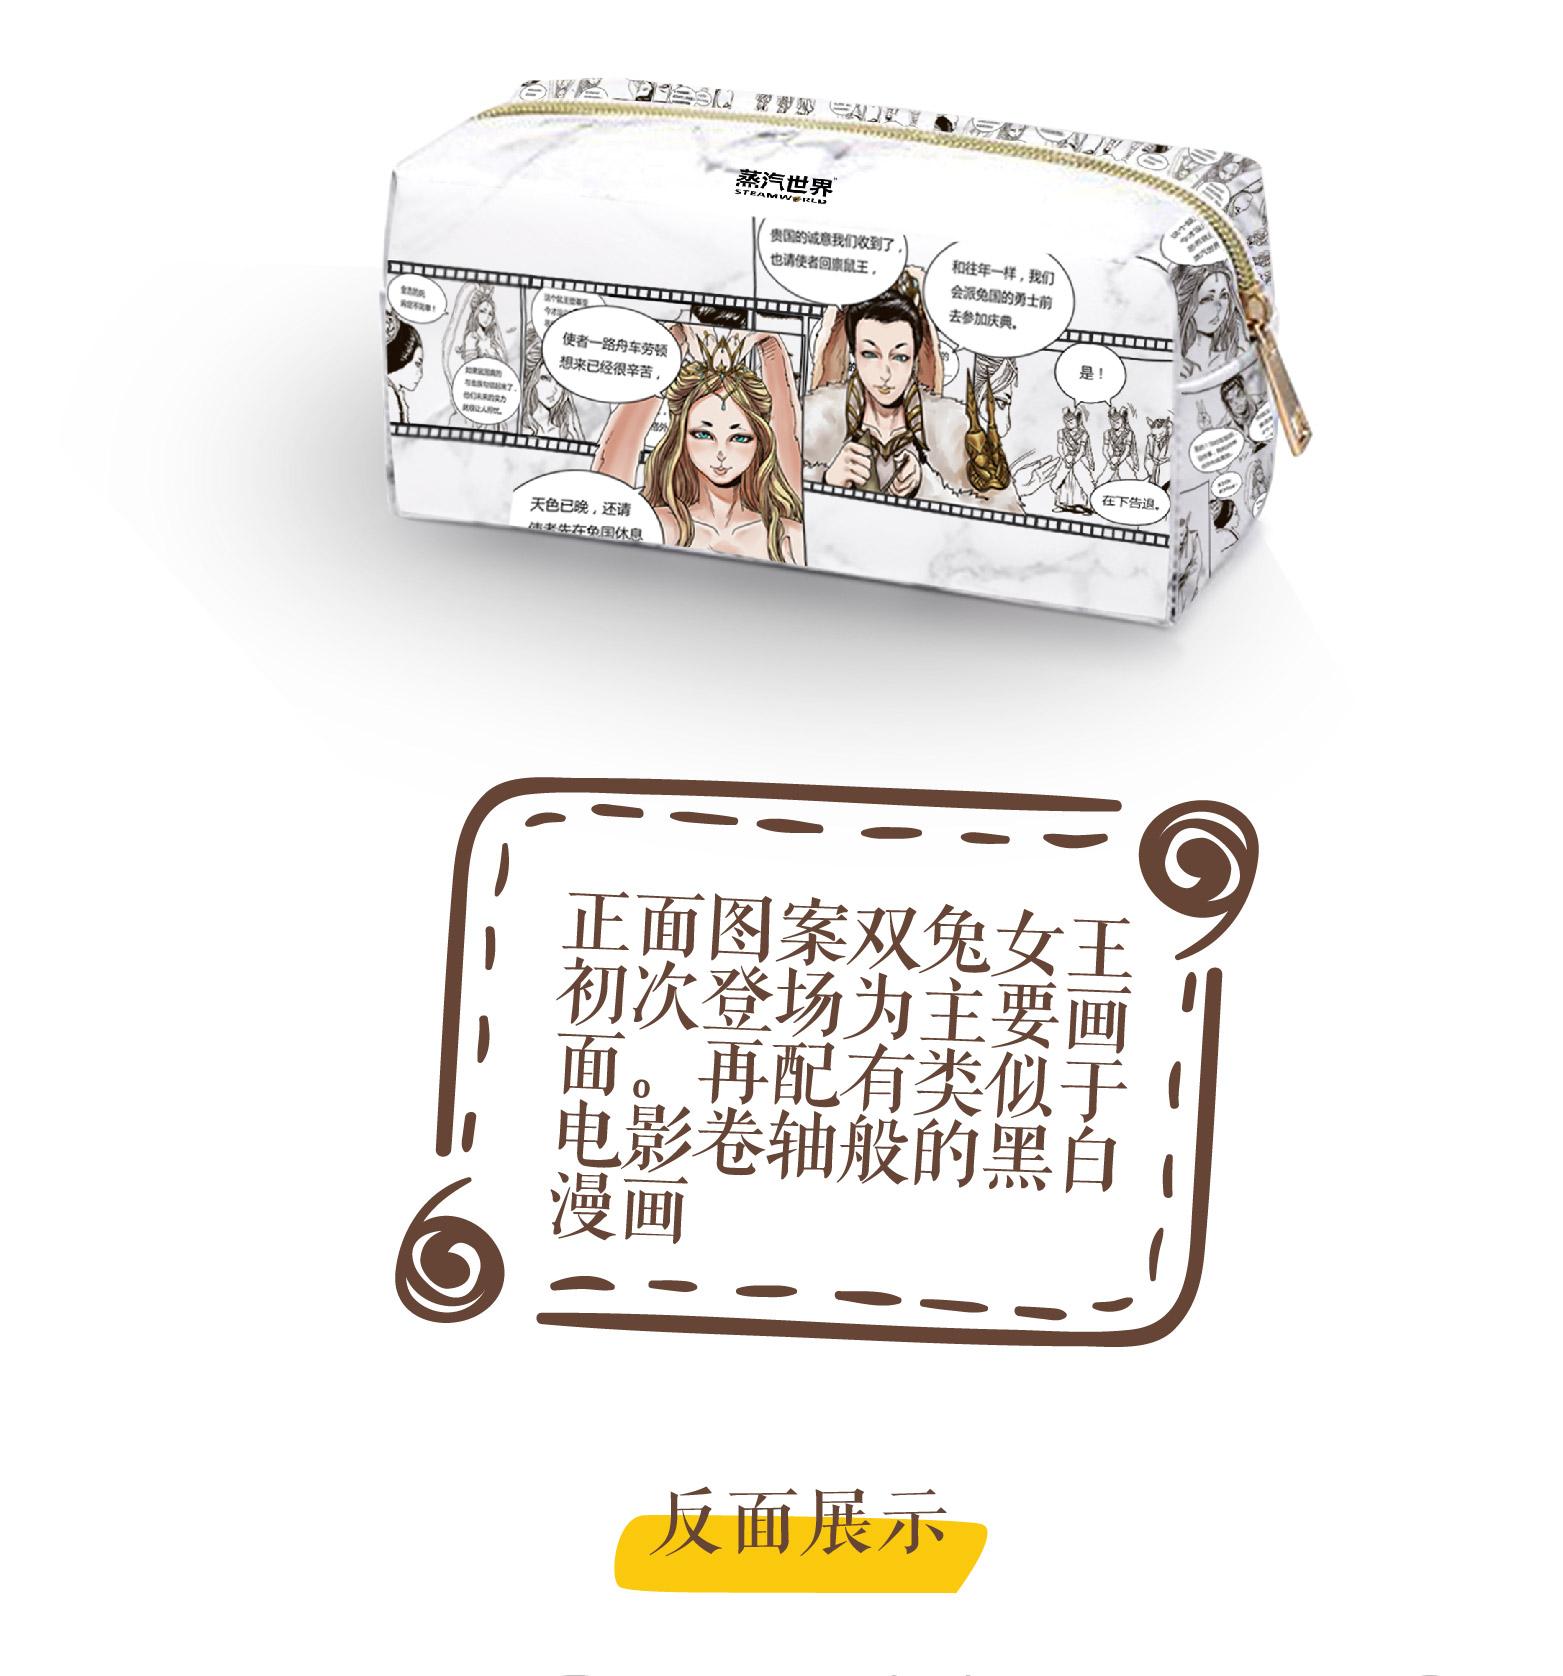 产品介绍-化妆包-03.jpg